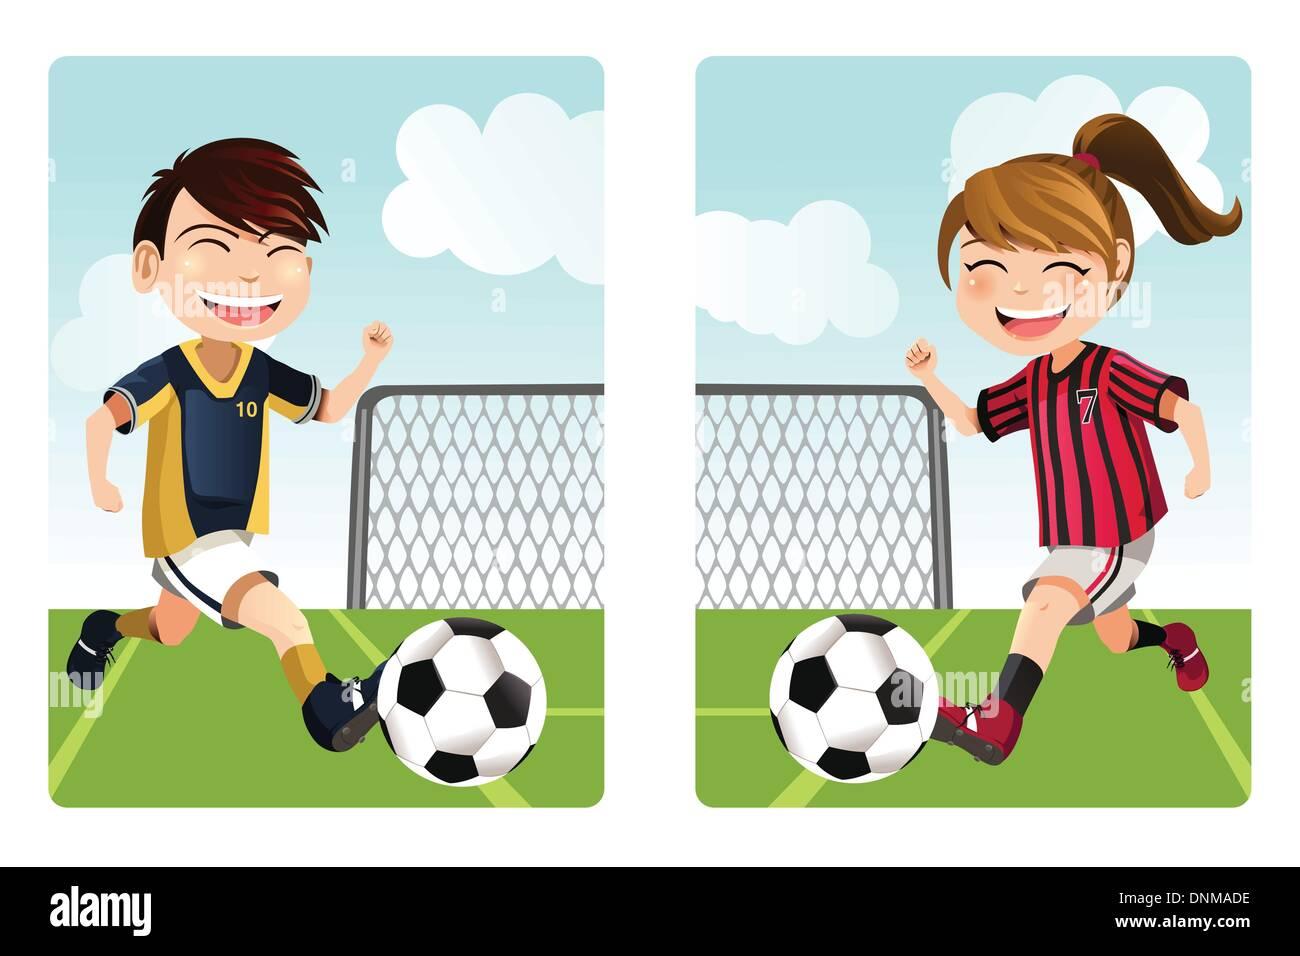 Ilustracin De Dibujos Animados Chico Jugando Al Ftbol Deportes